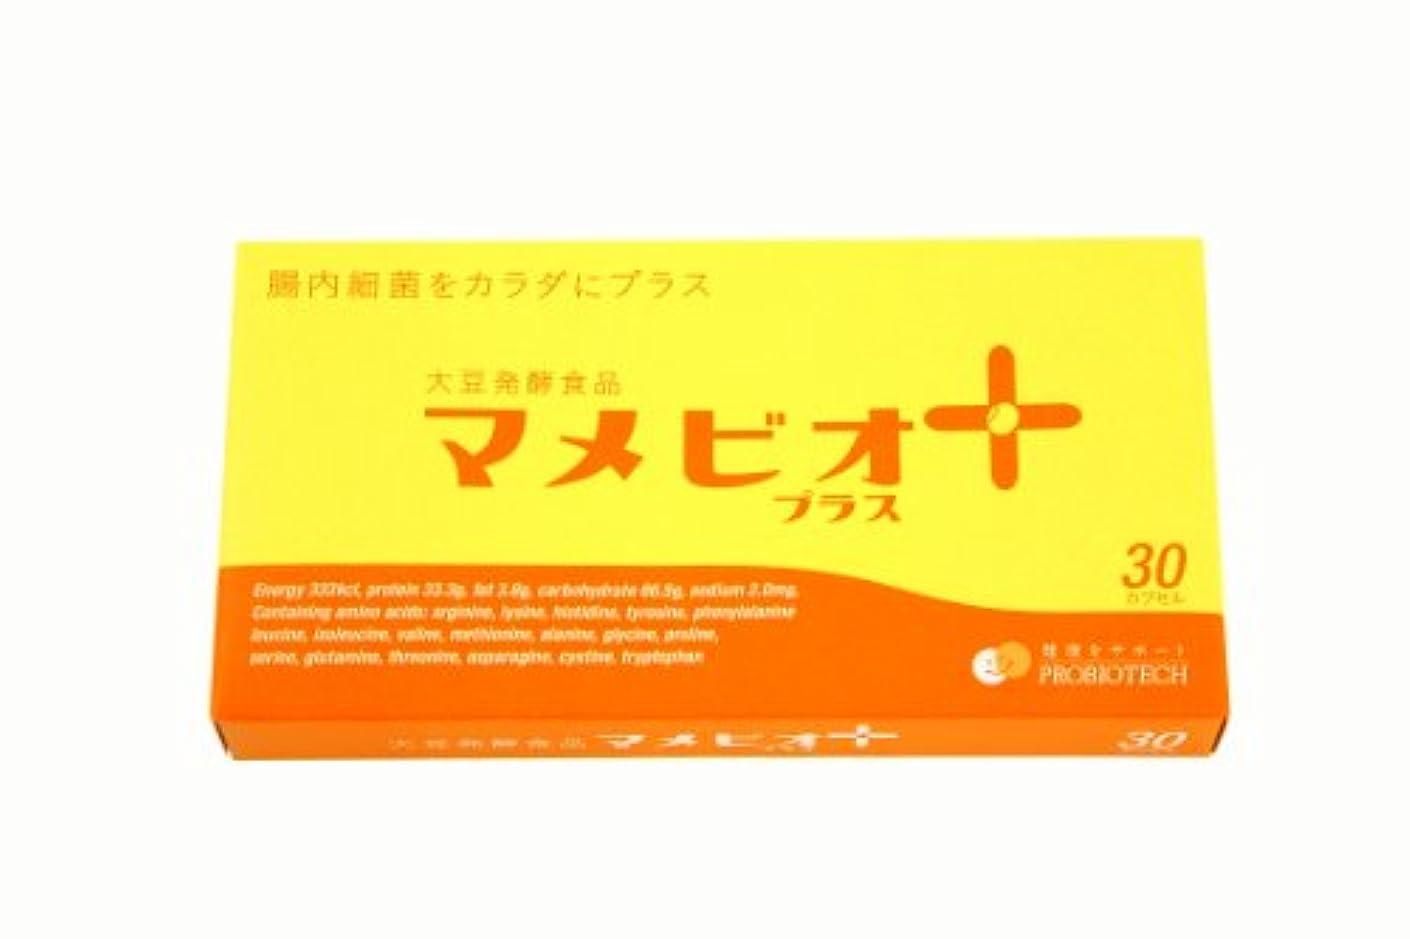 保持ニンニクチャネル土壌菌サプリ マメビオプラス(1箱)自然大豆発酵食品